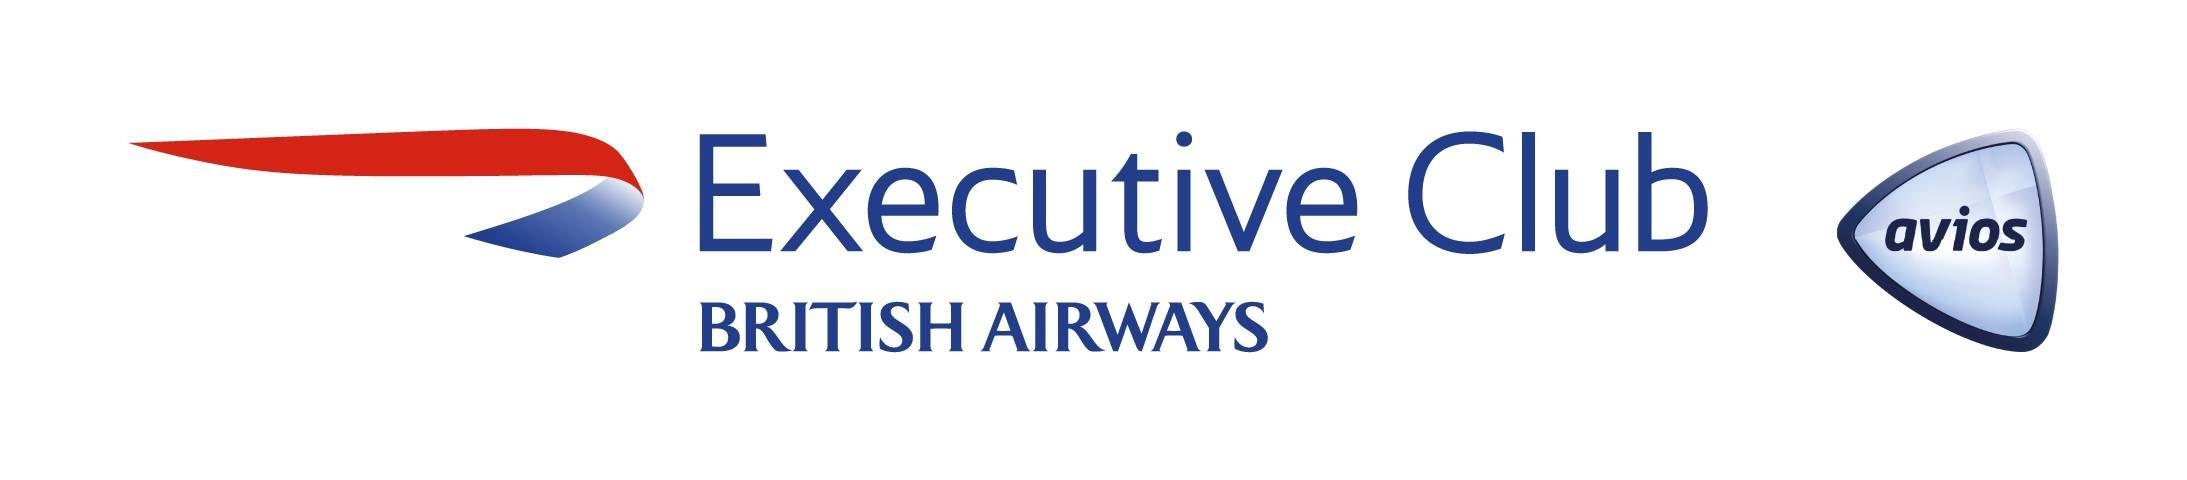 executive club ba